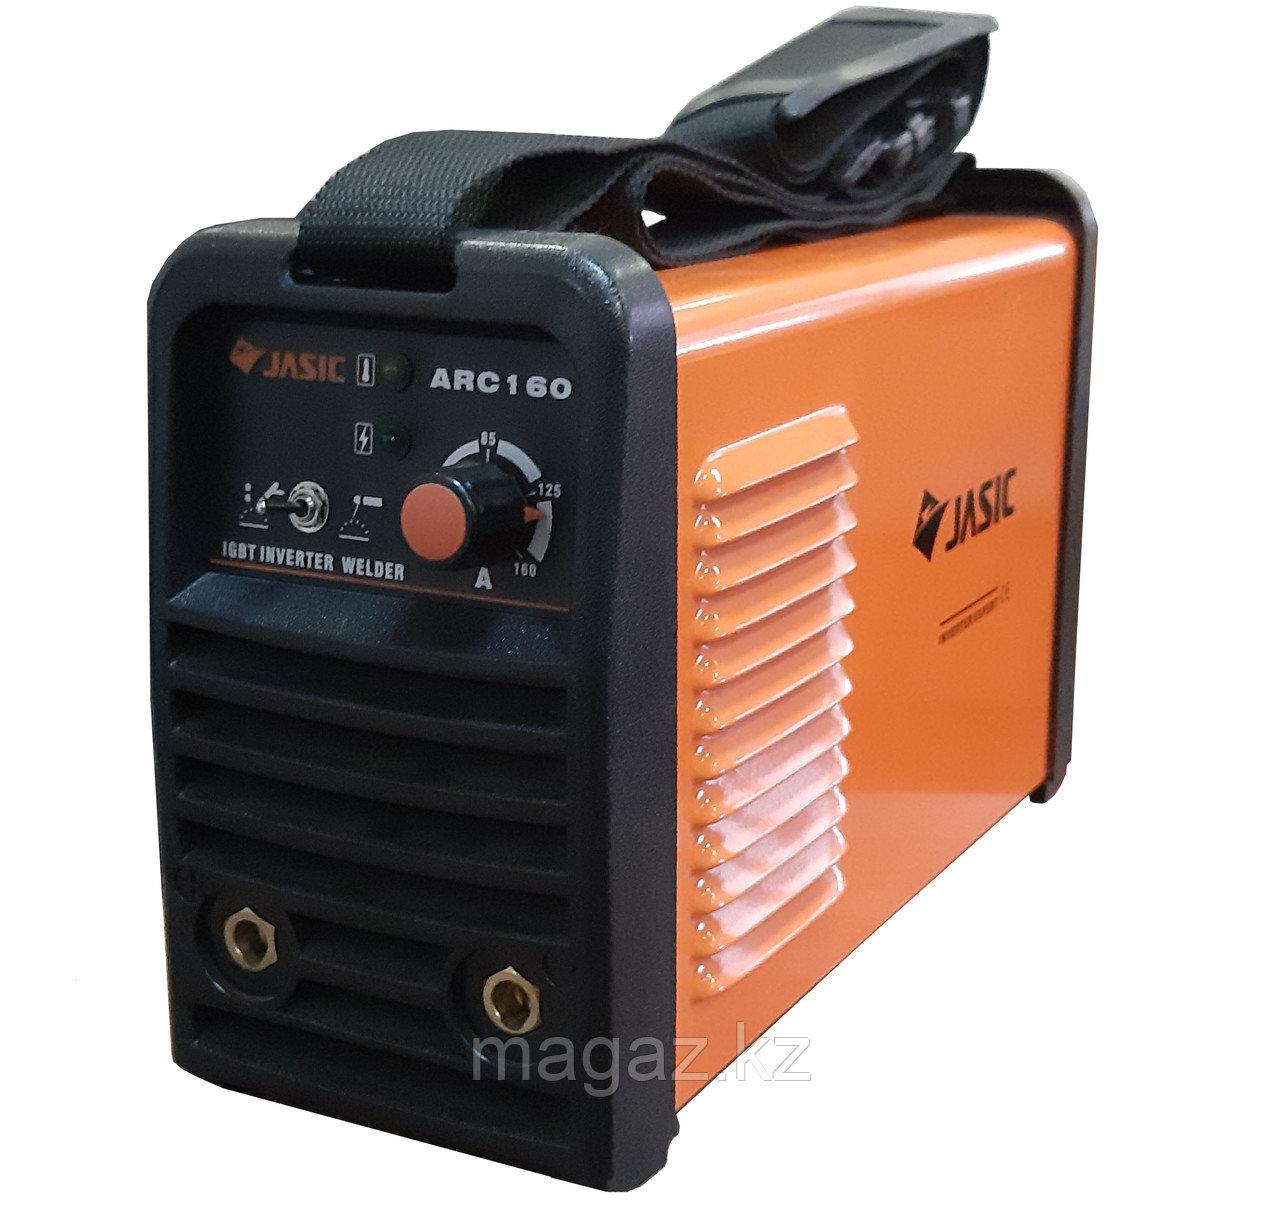 Инверторный сварочный апарат ARC 160